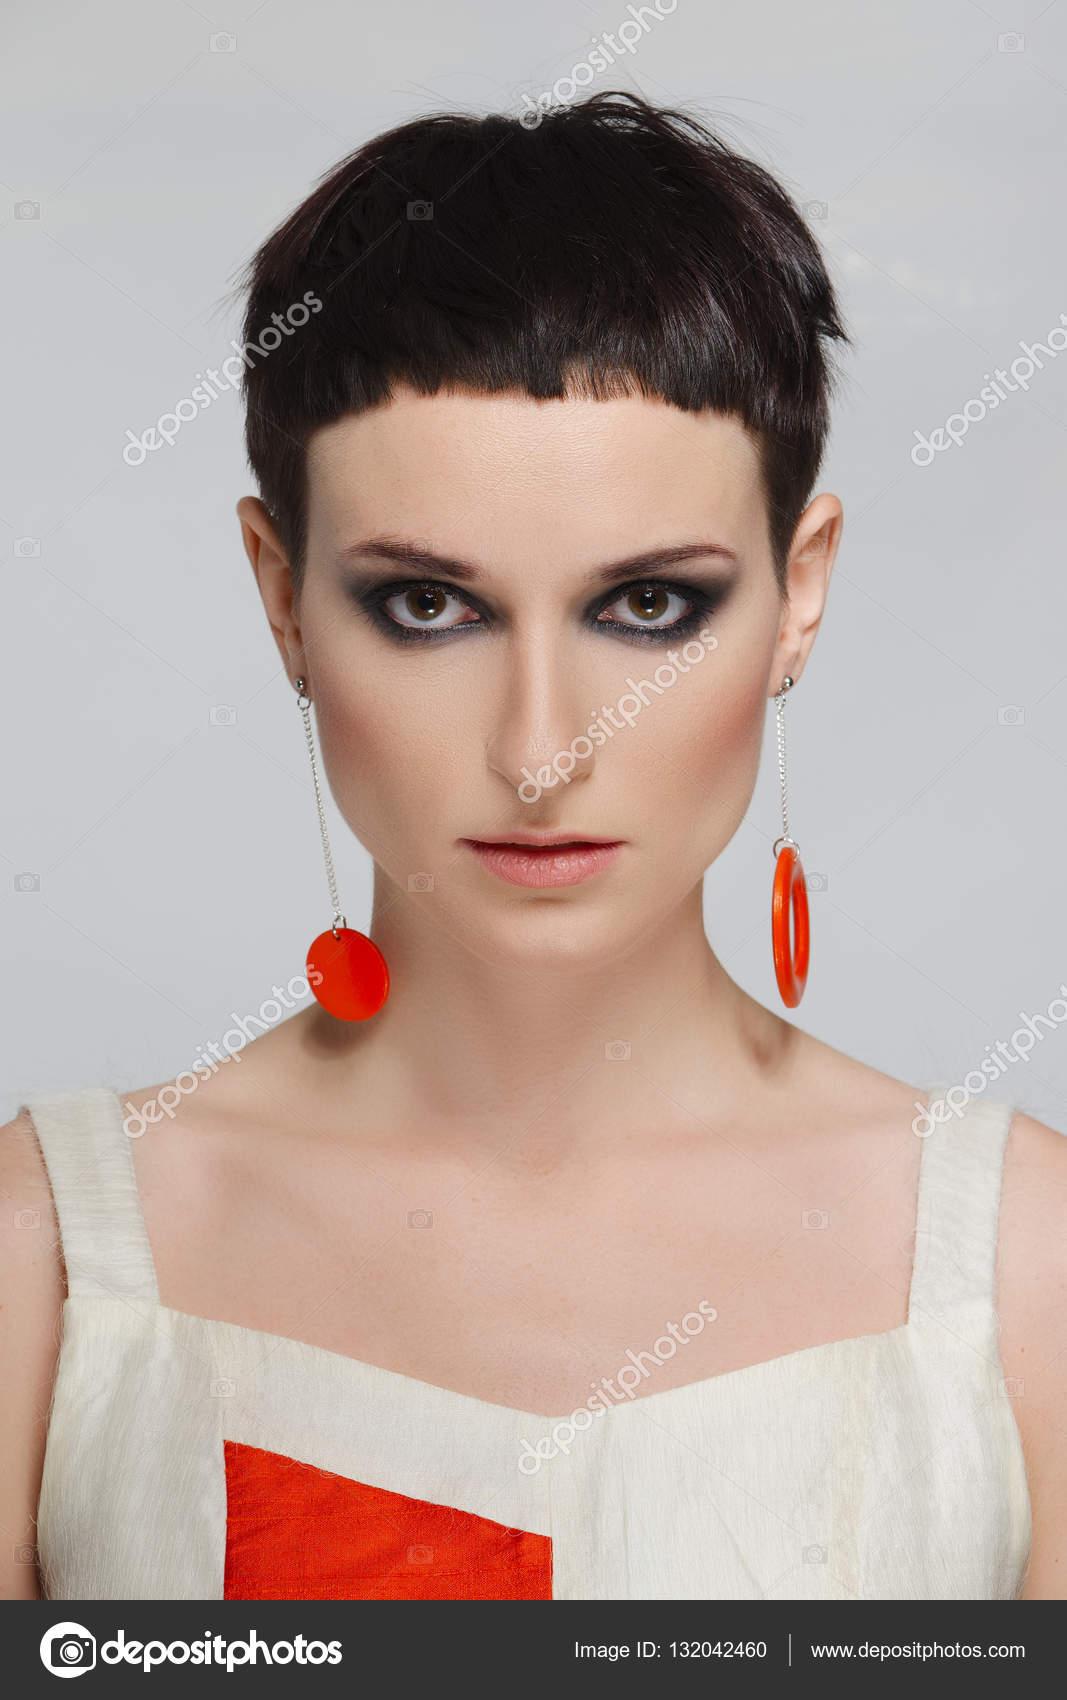 Dość Młoda Kobieta Z Krótkie Czarne Włosy I Czerwone Kolczyki